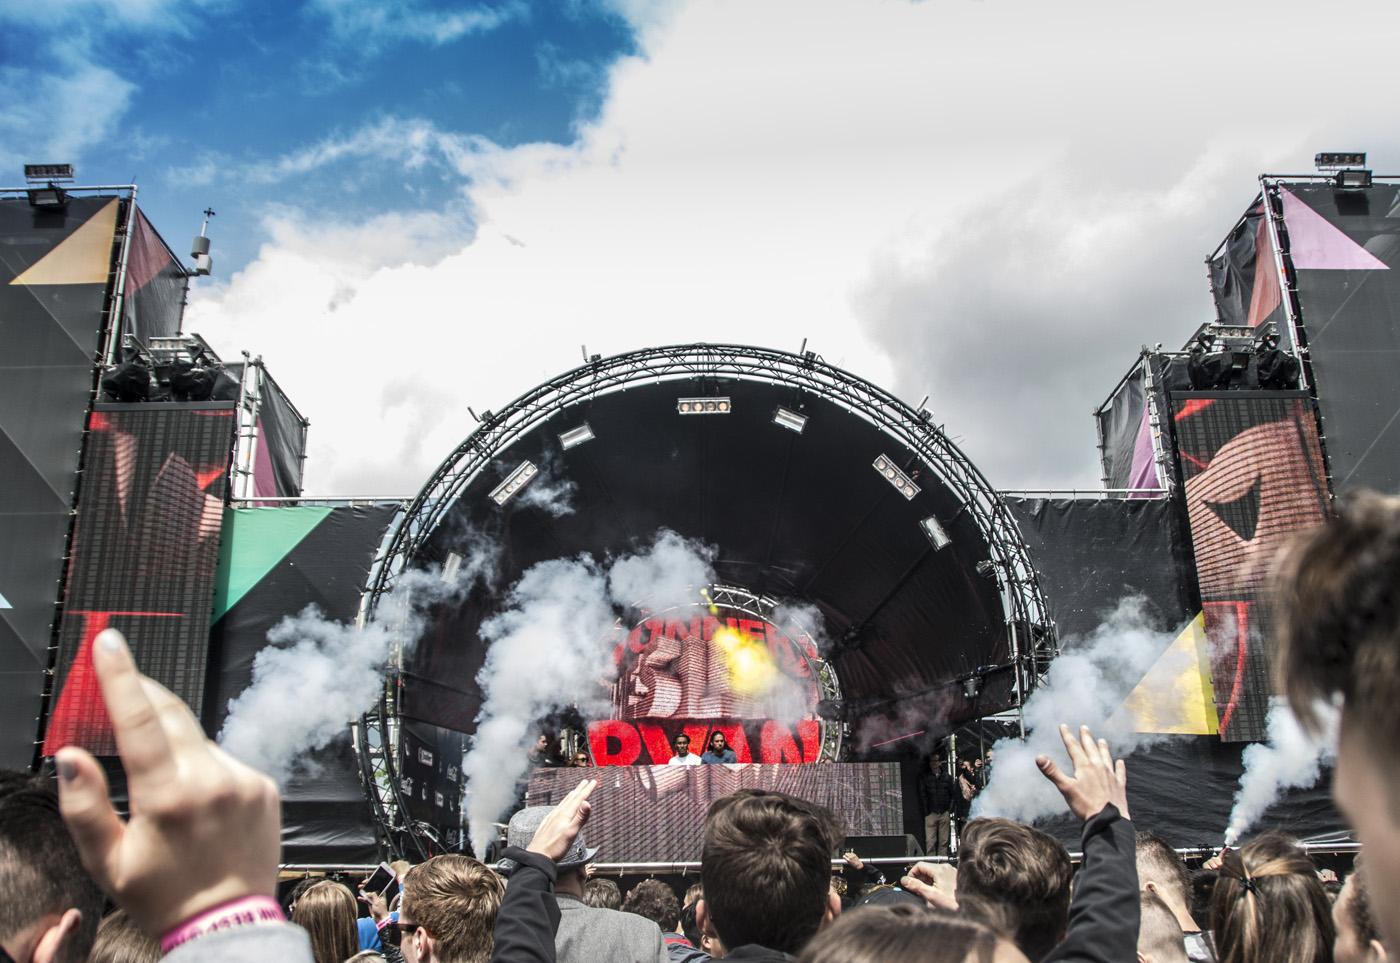 Dancetour Breda 2016, met onder meer optredens van Dannic, Kill The Buzz en Sunnery James & Ryan Marciano, Dirtcaps Release the Bull, Blasterjaxx en Ummet Ozcan.